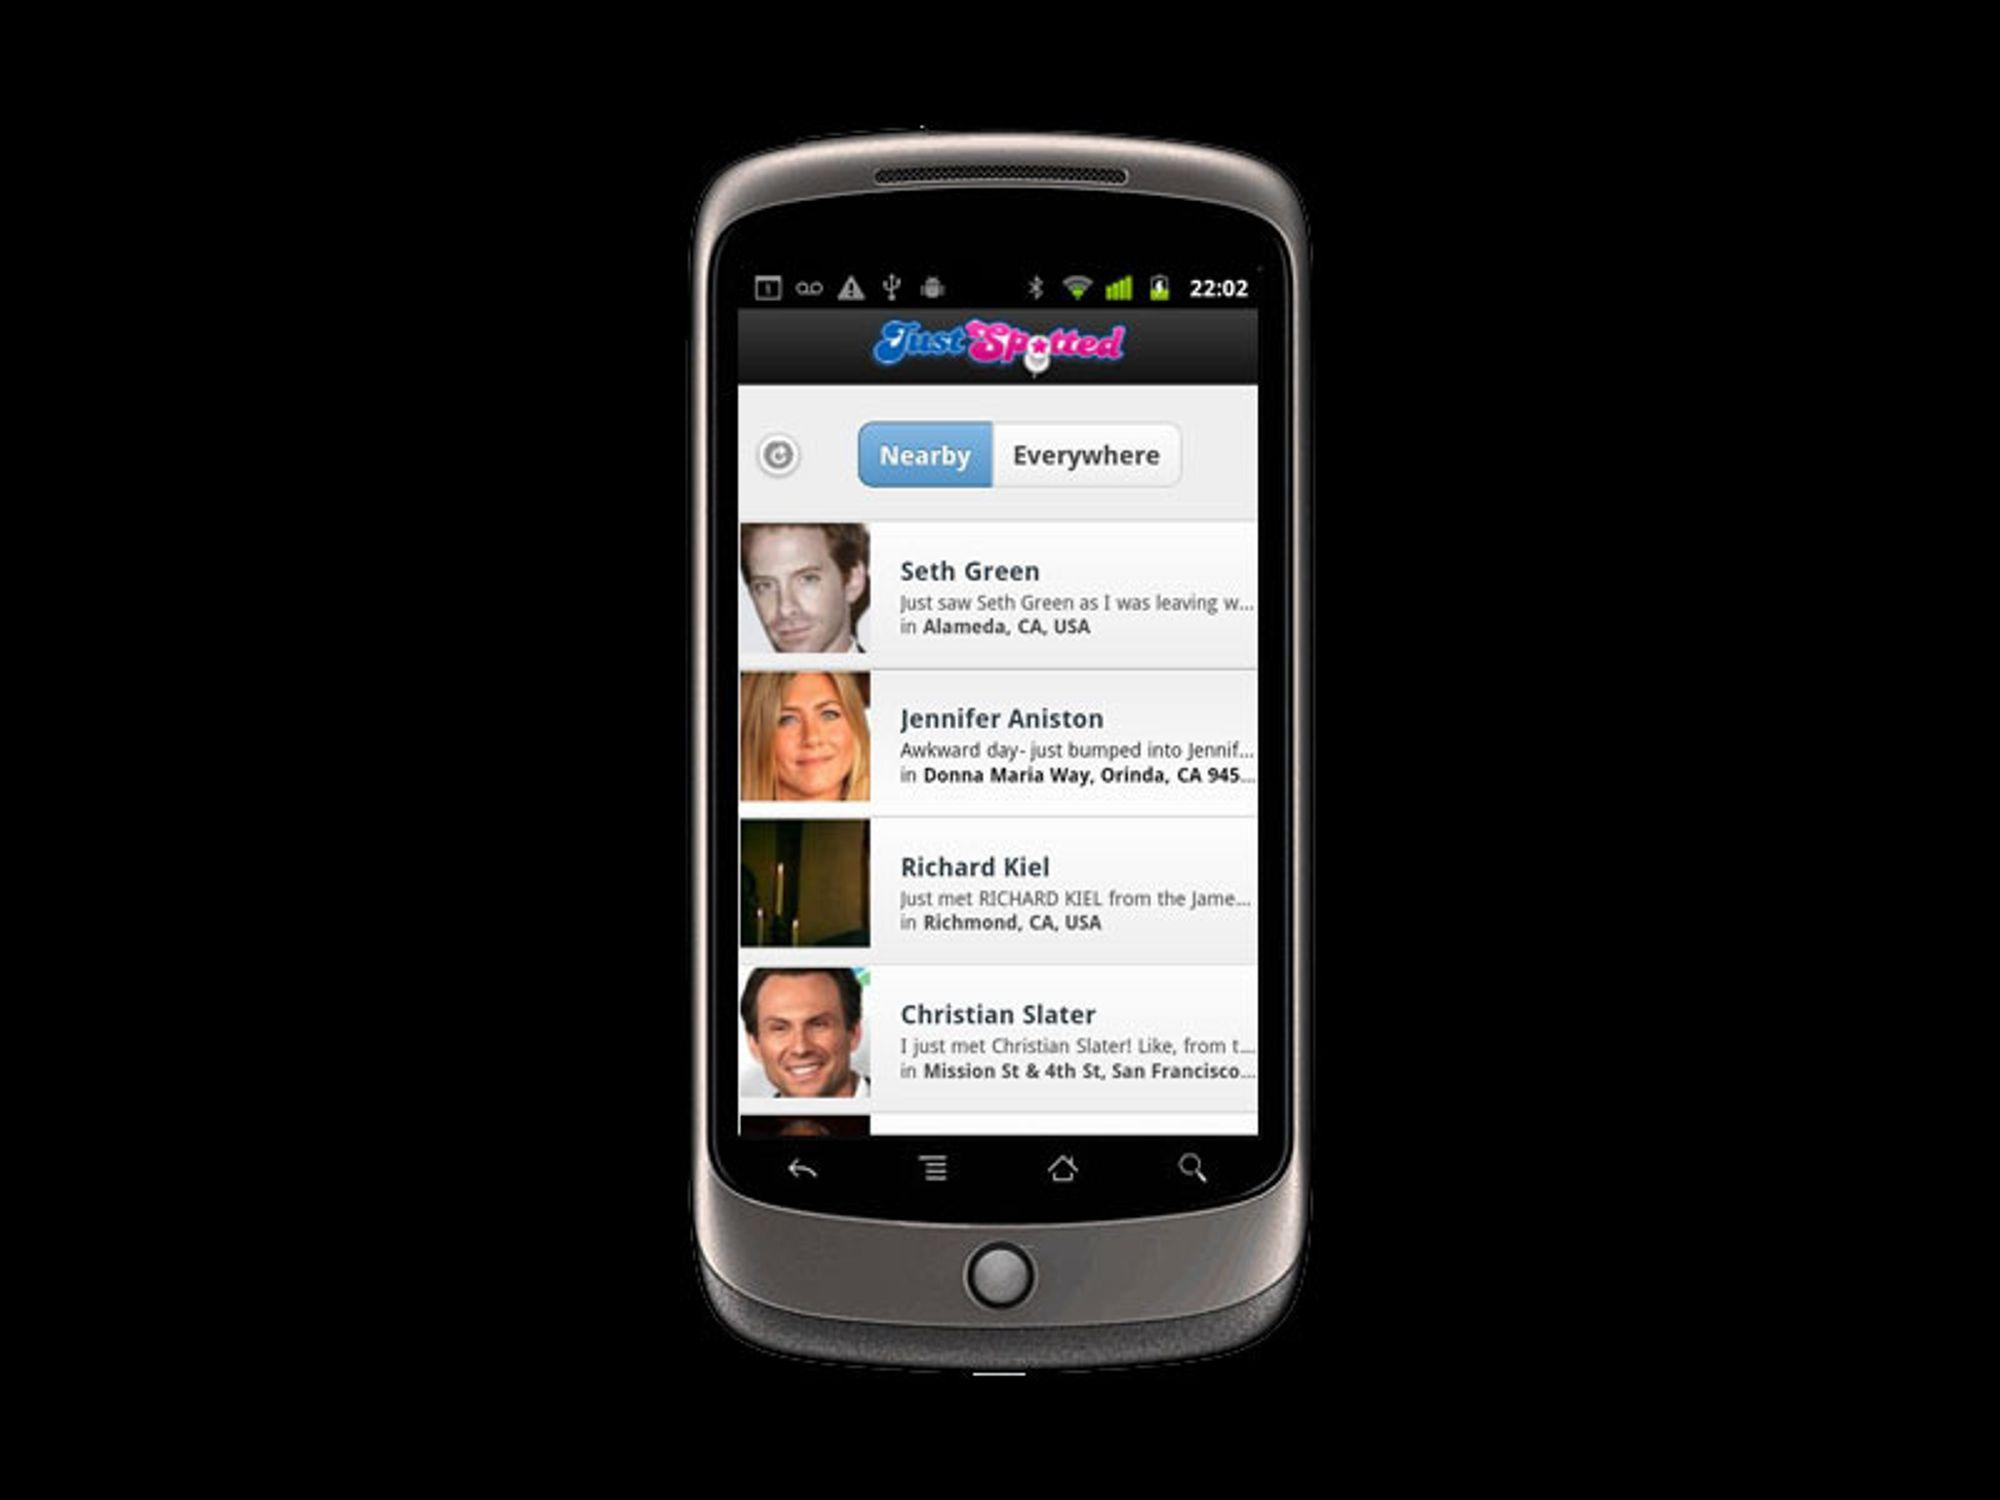 Denne appen hadde ikke funket i Norge